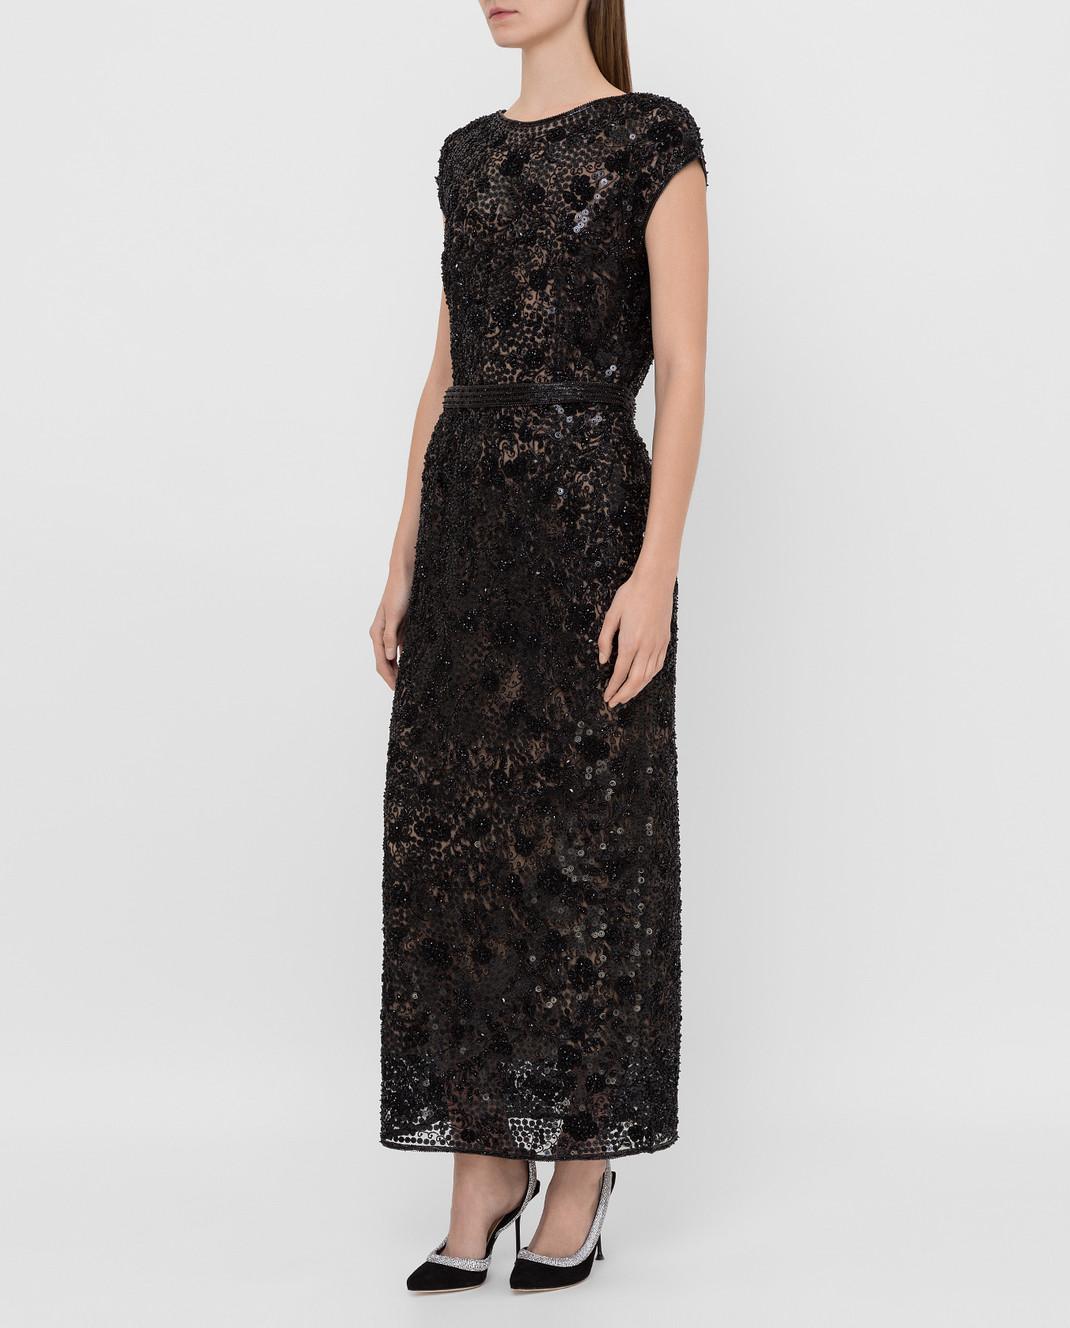 Alexander Terekhov Черное платье изображение 3